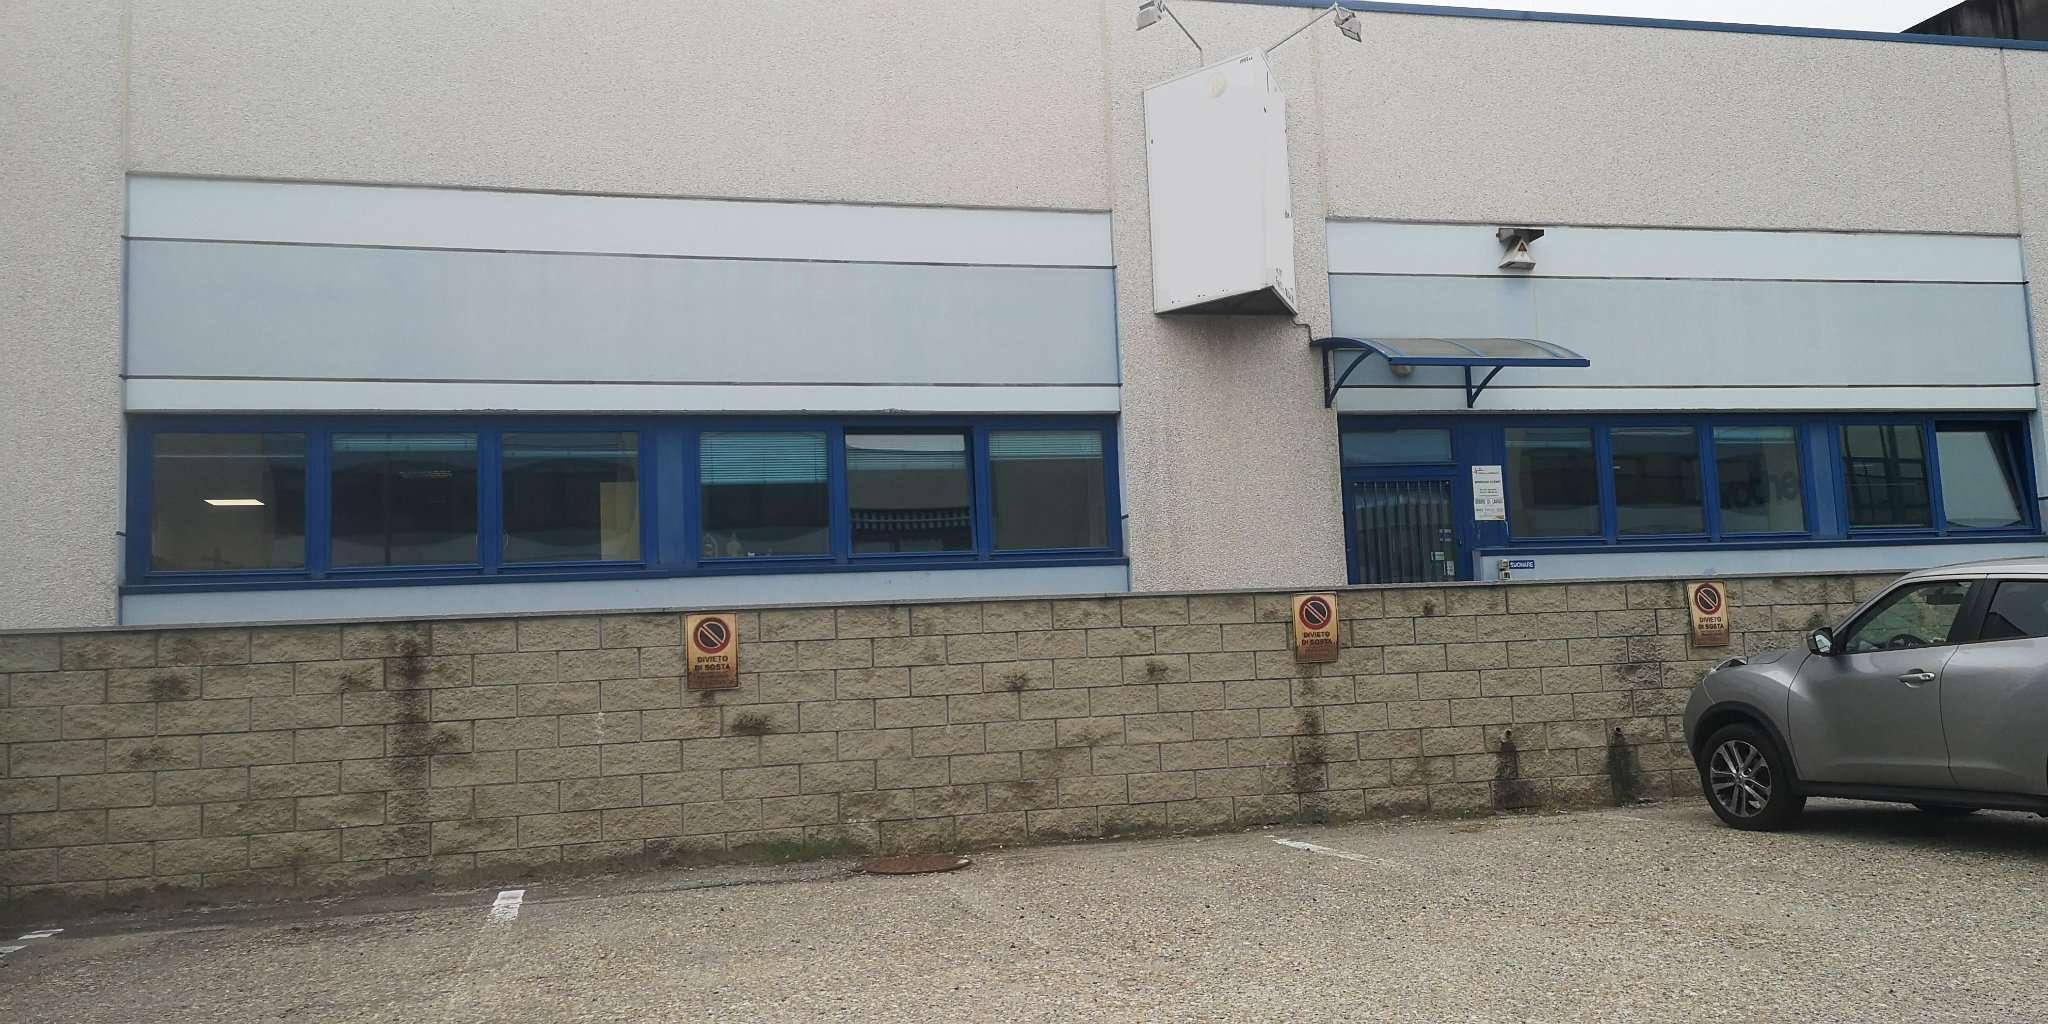 Capannone in vendita a Grugliasco, 5 locali, prezzo € 385.000 | PortaleAgenzieImmobiliari.it